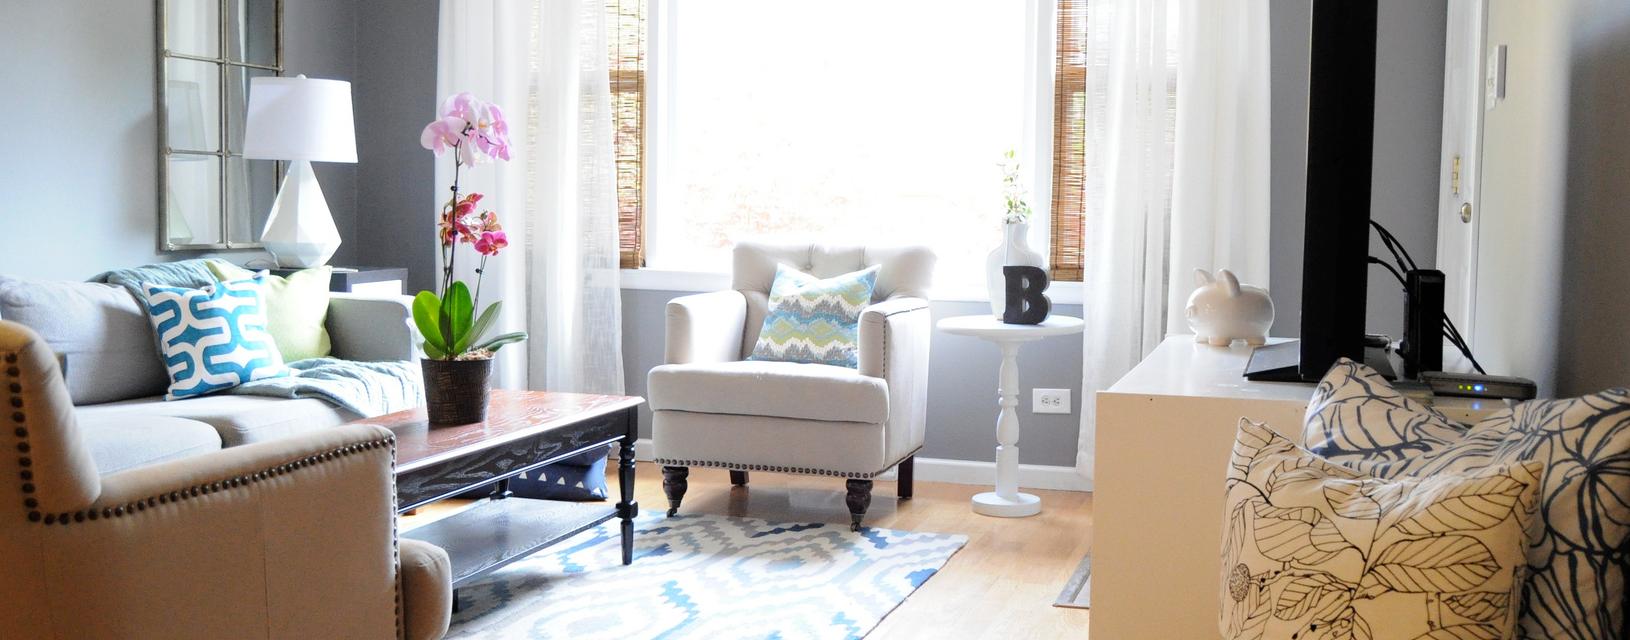 Textile Harmonie in Wohnräumen